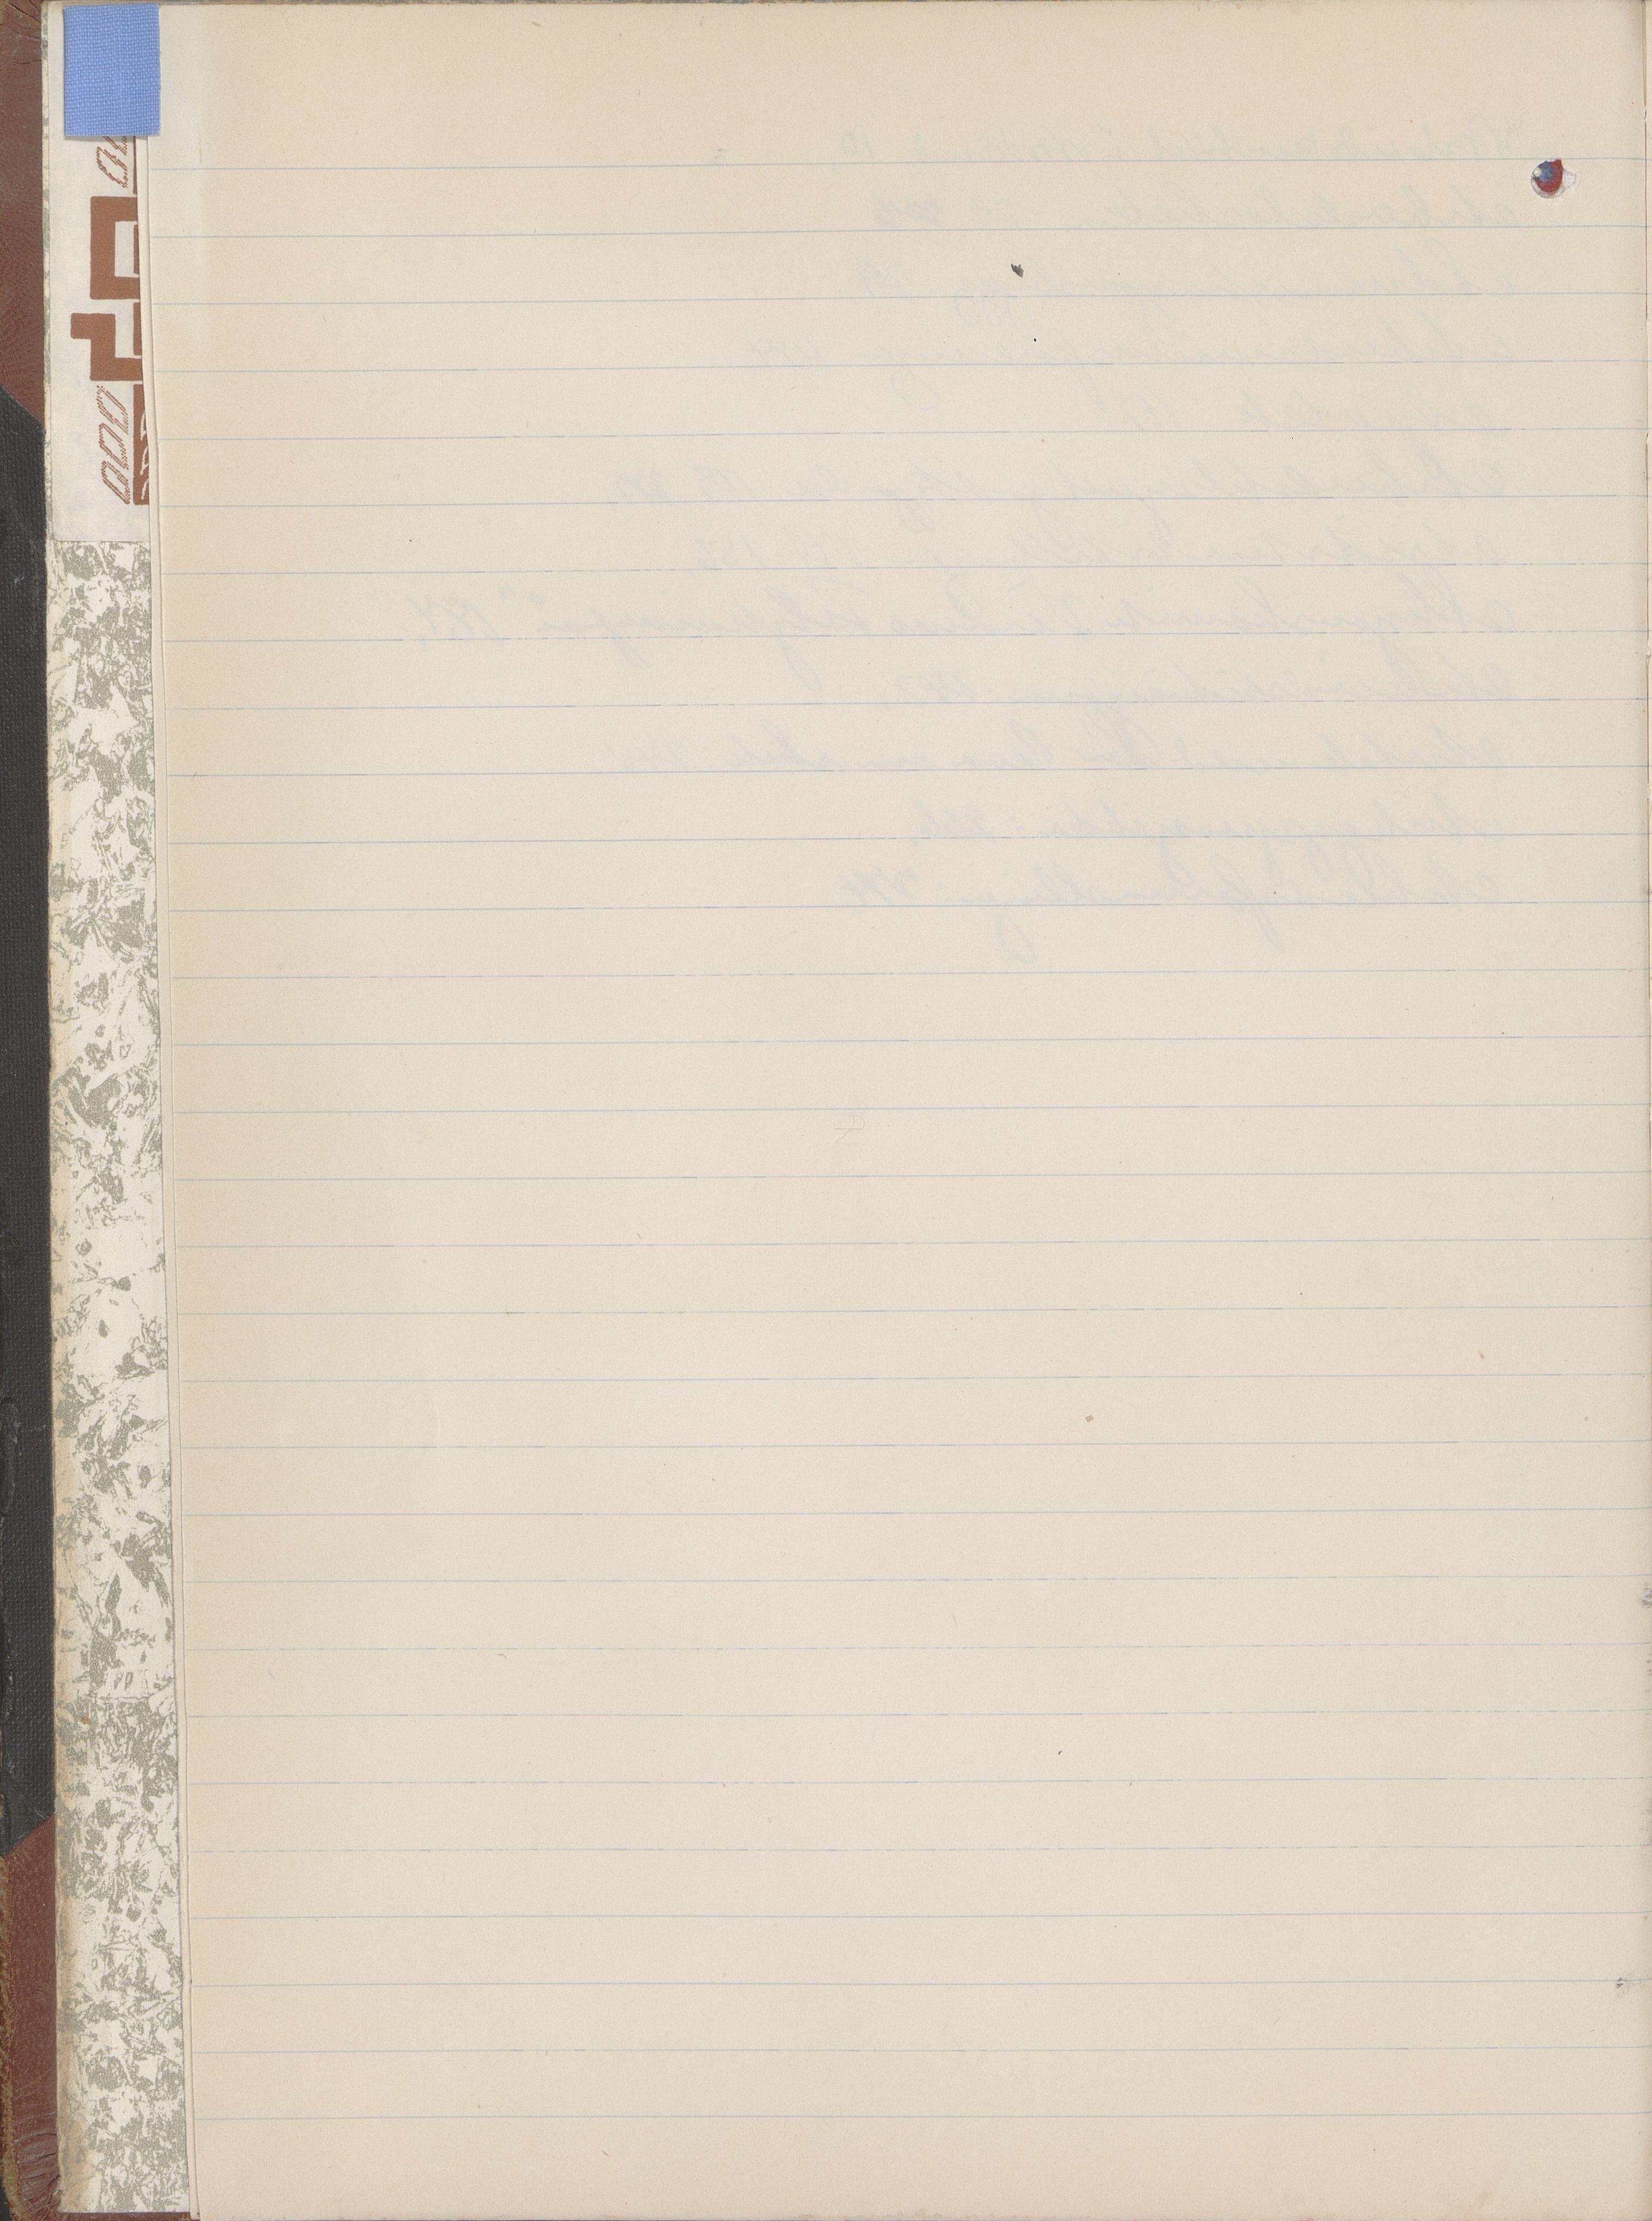 AIN, Hemnes kommune. Formannskapet, 100/L0002: Møtebok, 1956-1962